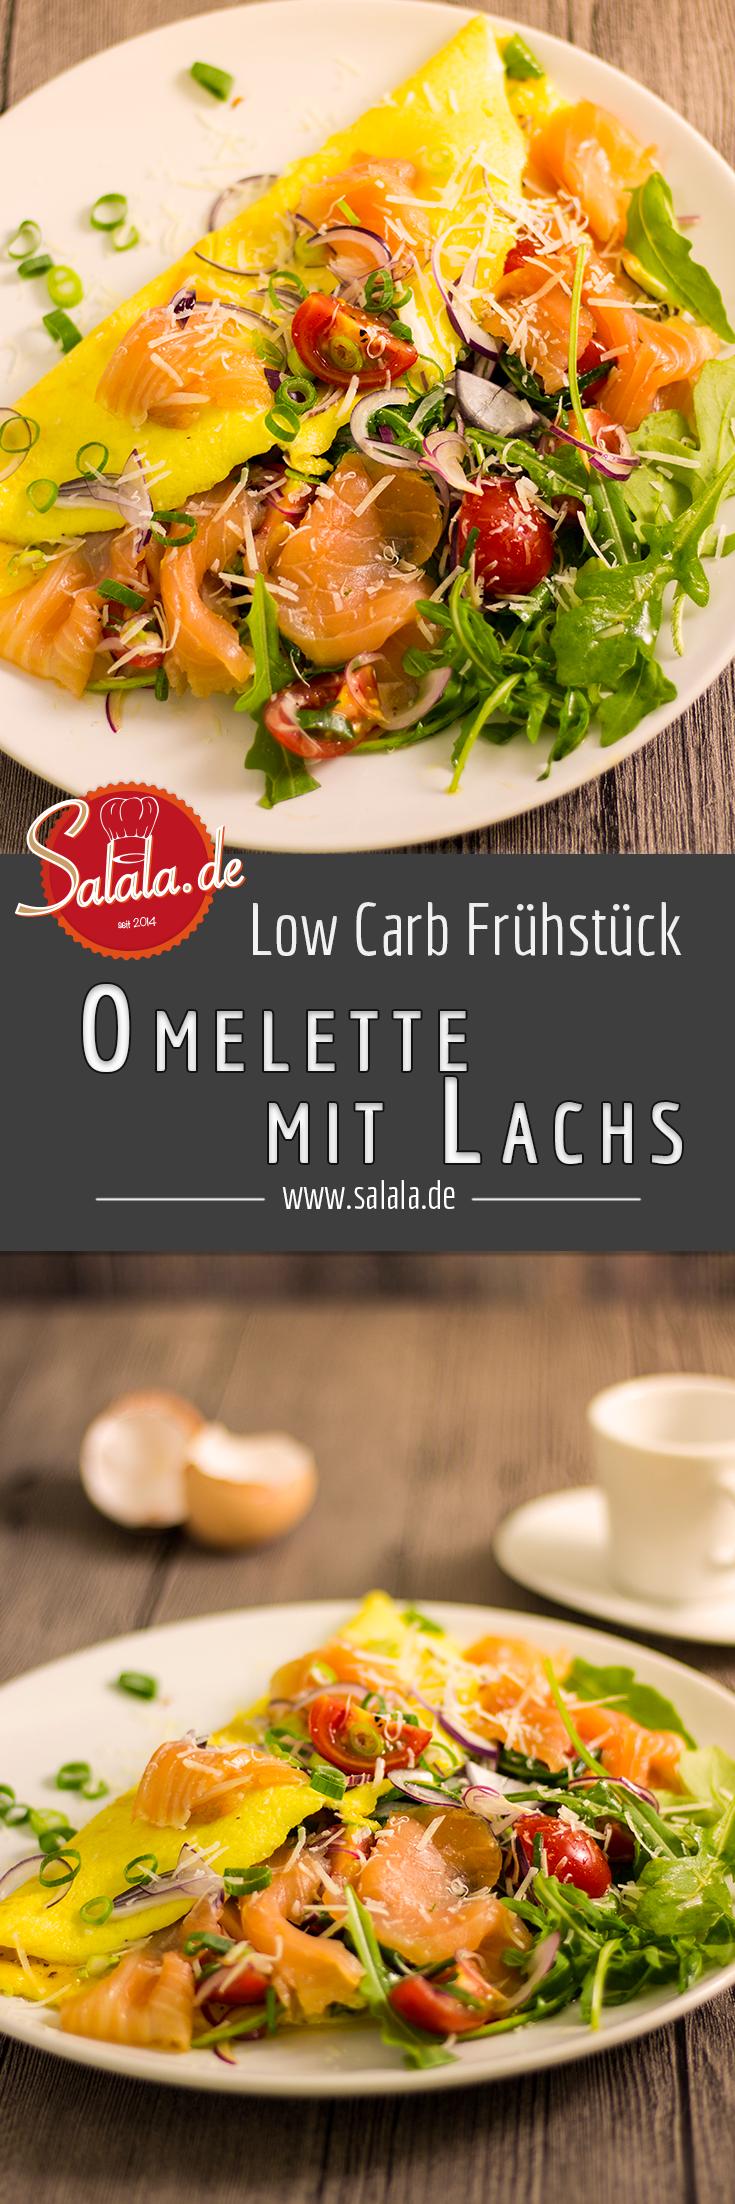 Frisches und herzhaftes Frühstückomelett mit Salat und Lachs. Ganz anders als normalerweise, aber das macht es um so sinnvoller es mal zu probieren. Uns hat es wahnsinnig gut geschmeckt und ein gutes Omelette hat auch irgendwie was edles ;) #lowcarb #omelette #frühstück #lowcarbfrühstück #einfachkochen #rezepte